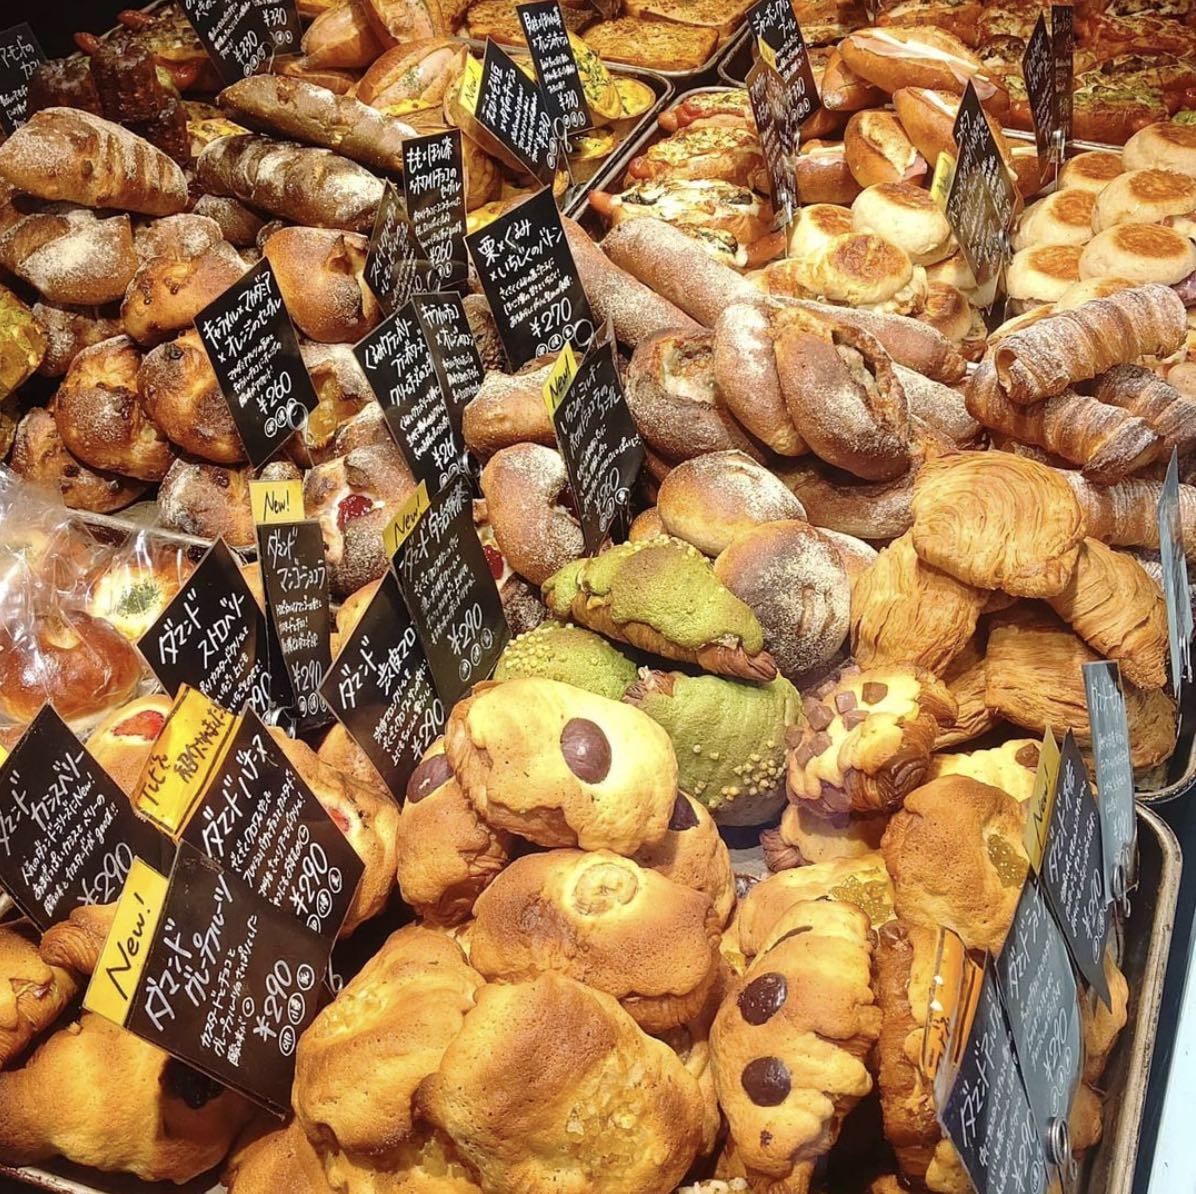 Pane Ho Maretta Bread Selections